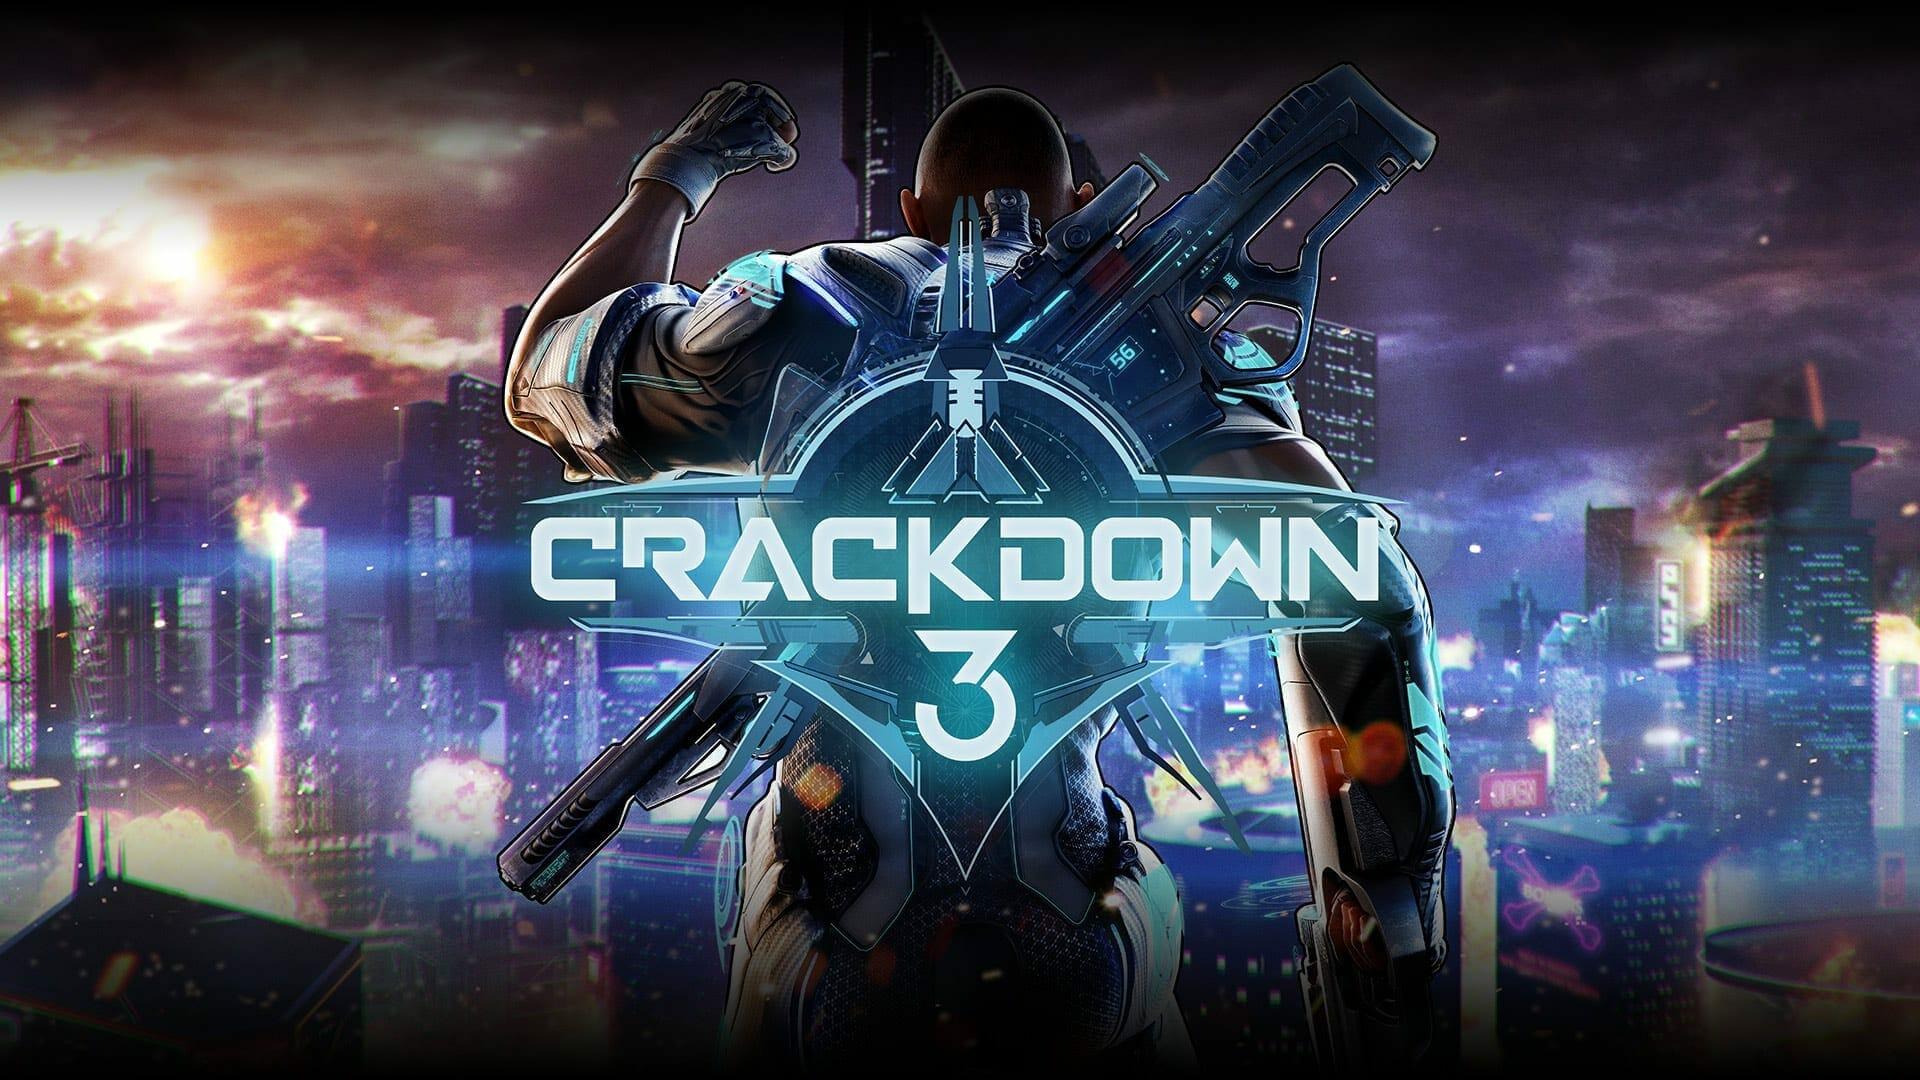 Fix Crackdown 3 PC Crash Error